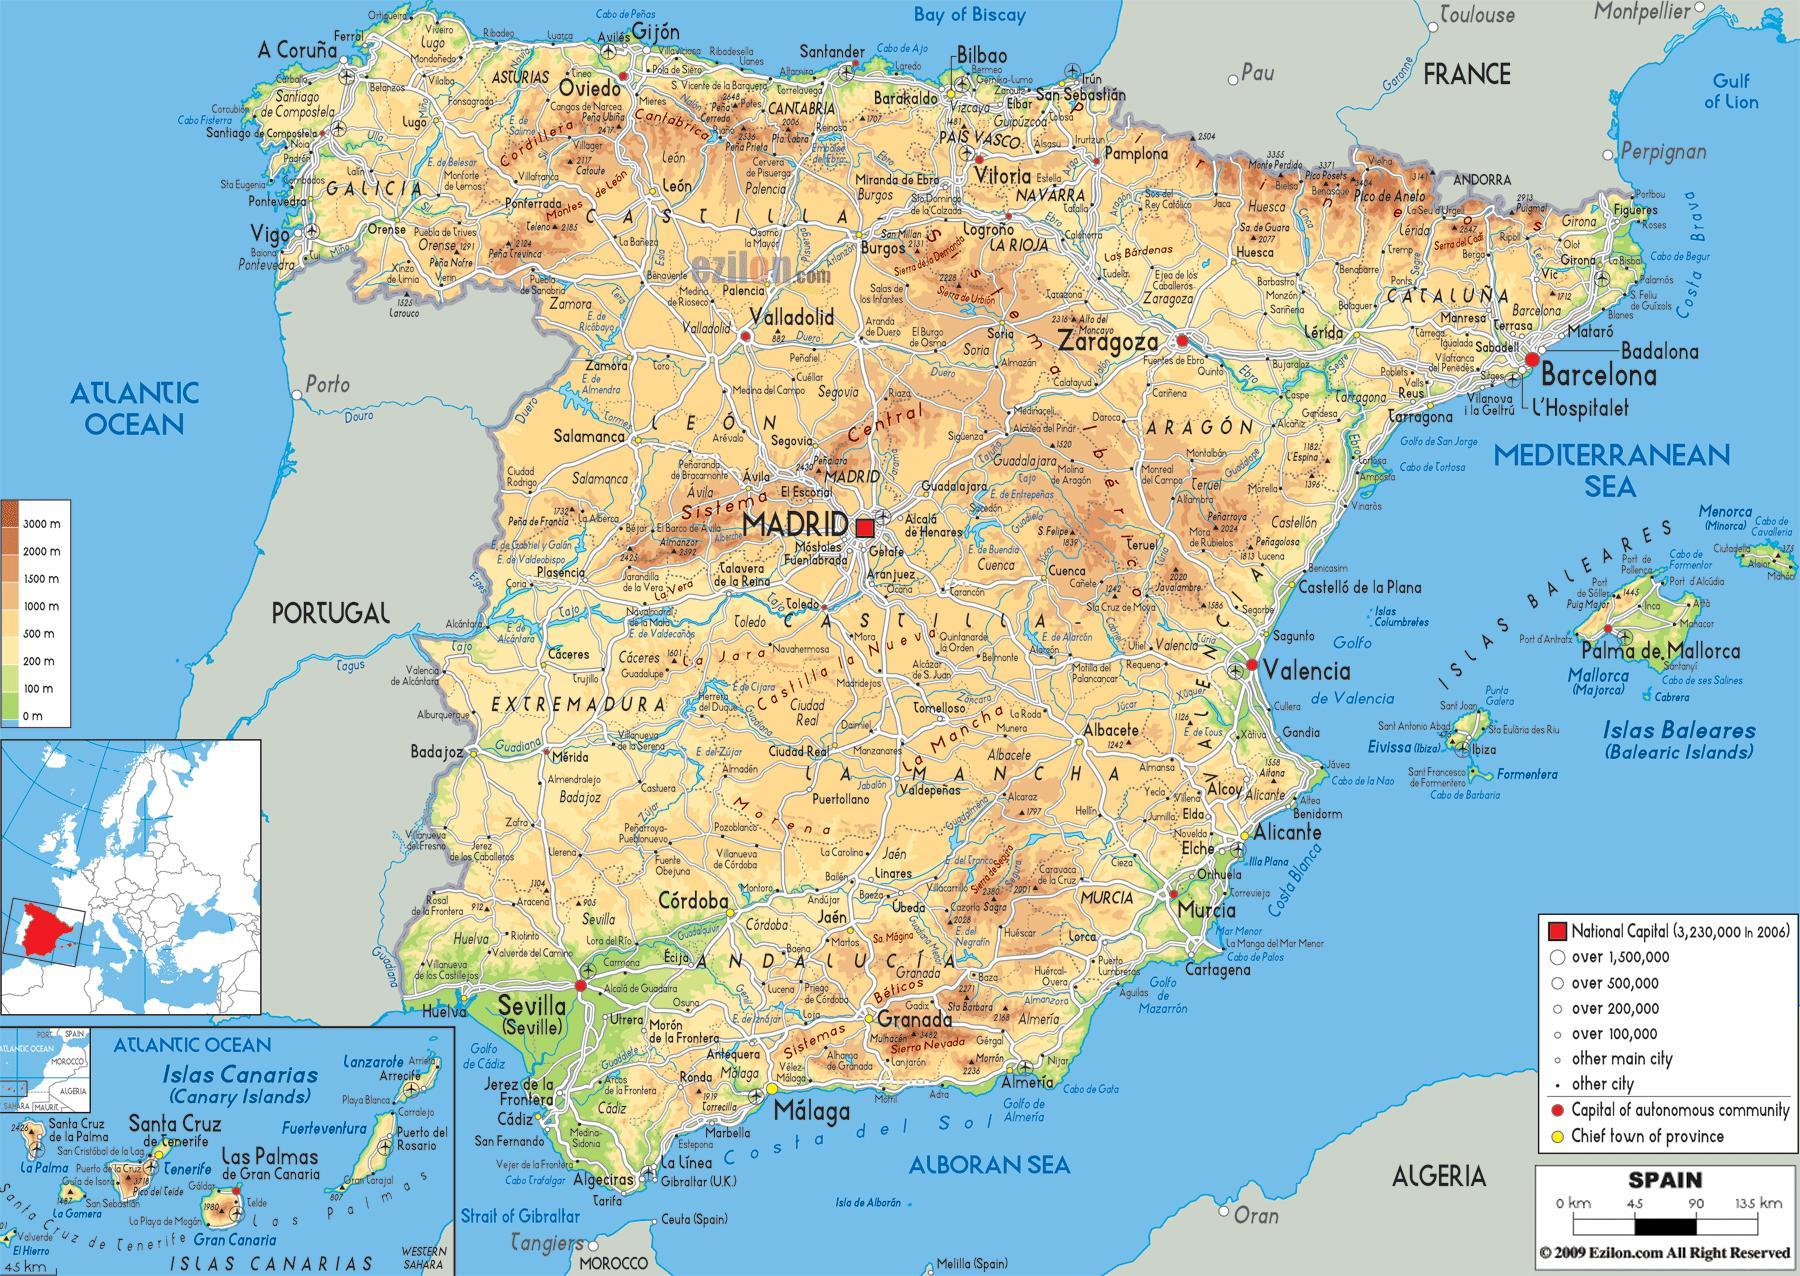 Soer I Spanien Kort Kort Over Spanien Soer Det Sydlige Europa